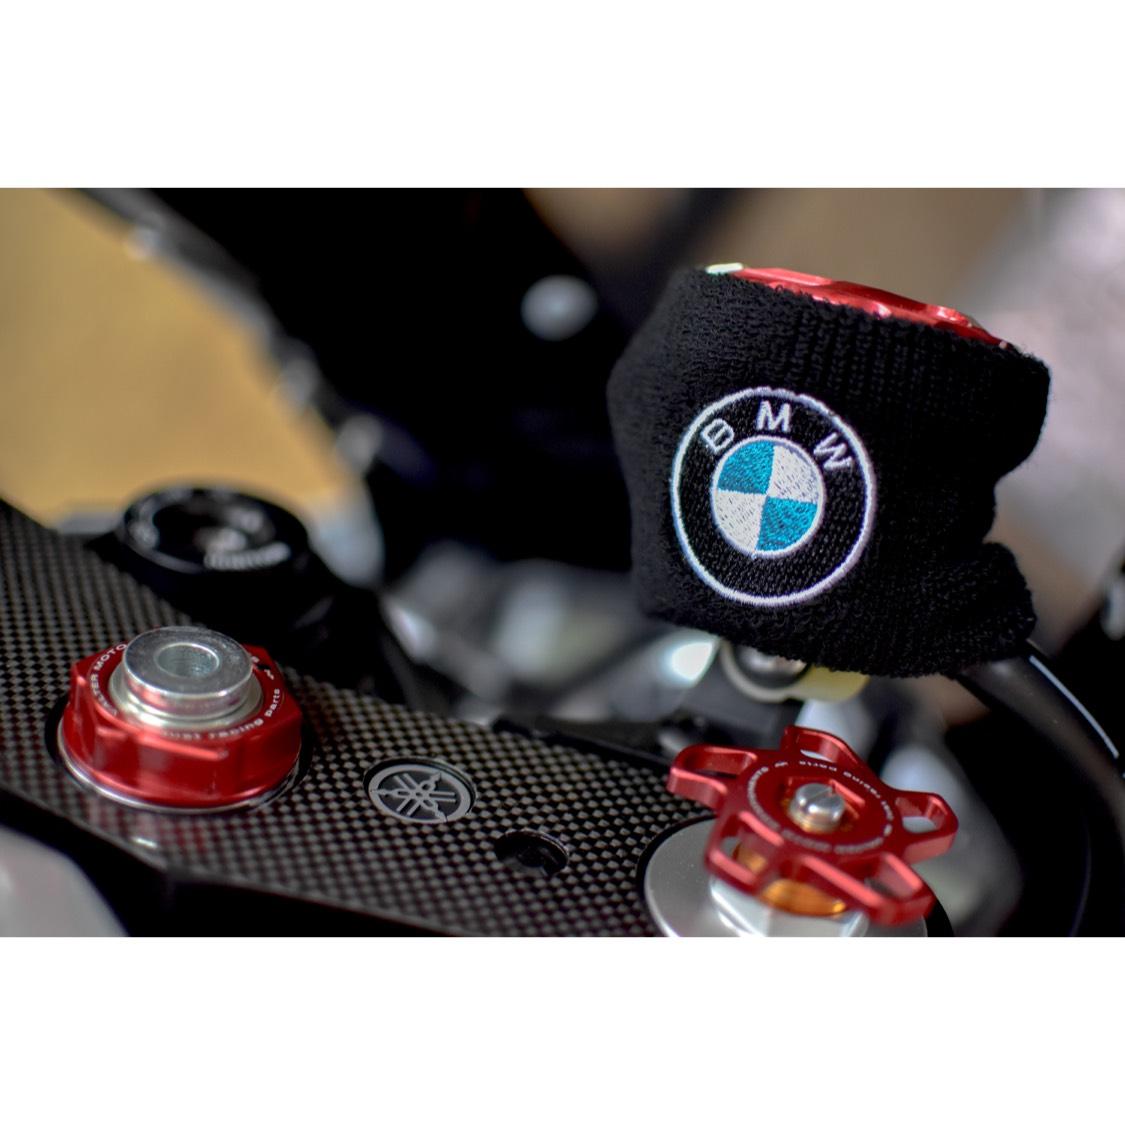 【数量限定】BMW 汎用 ブレーキマスターシリンダーカバー 新品!